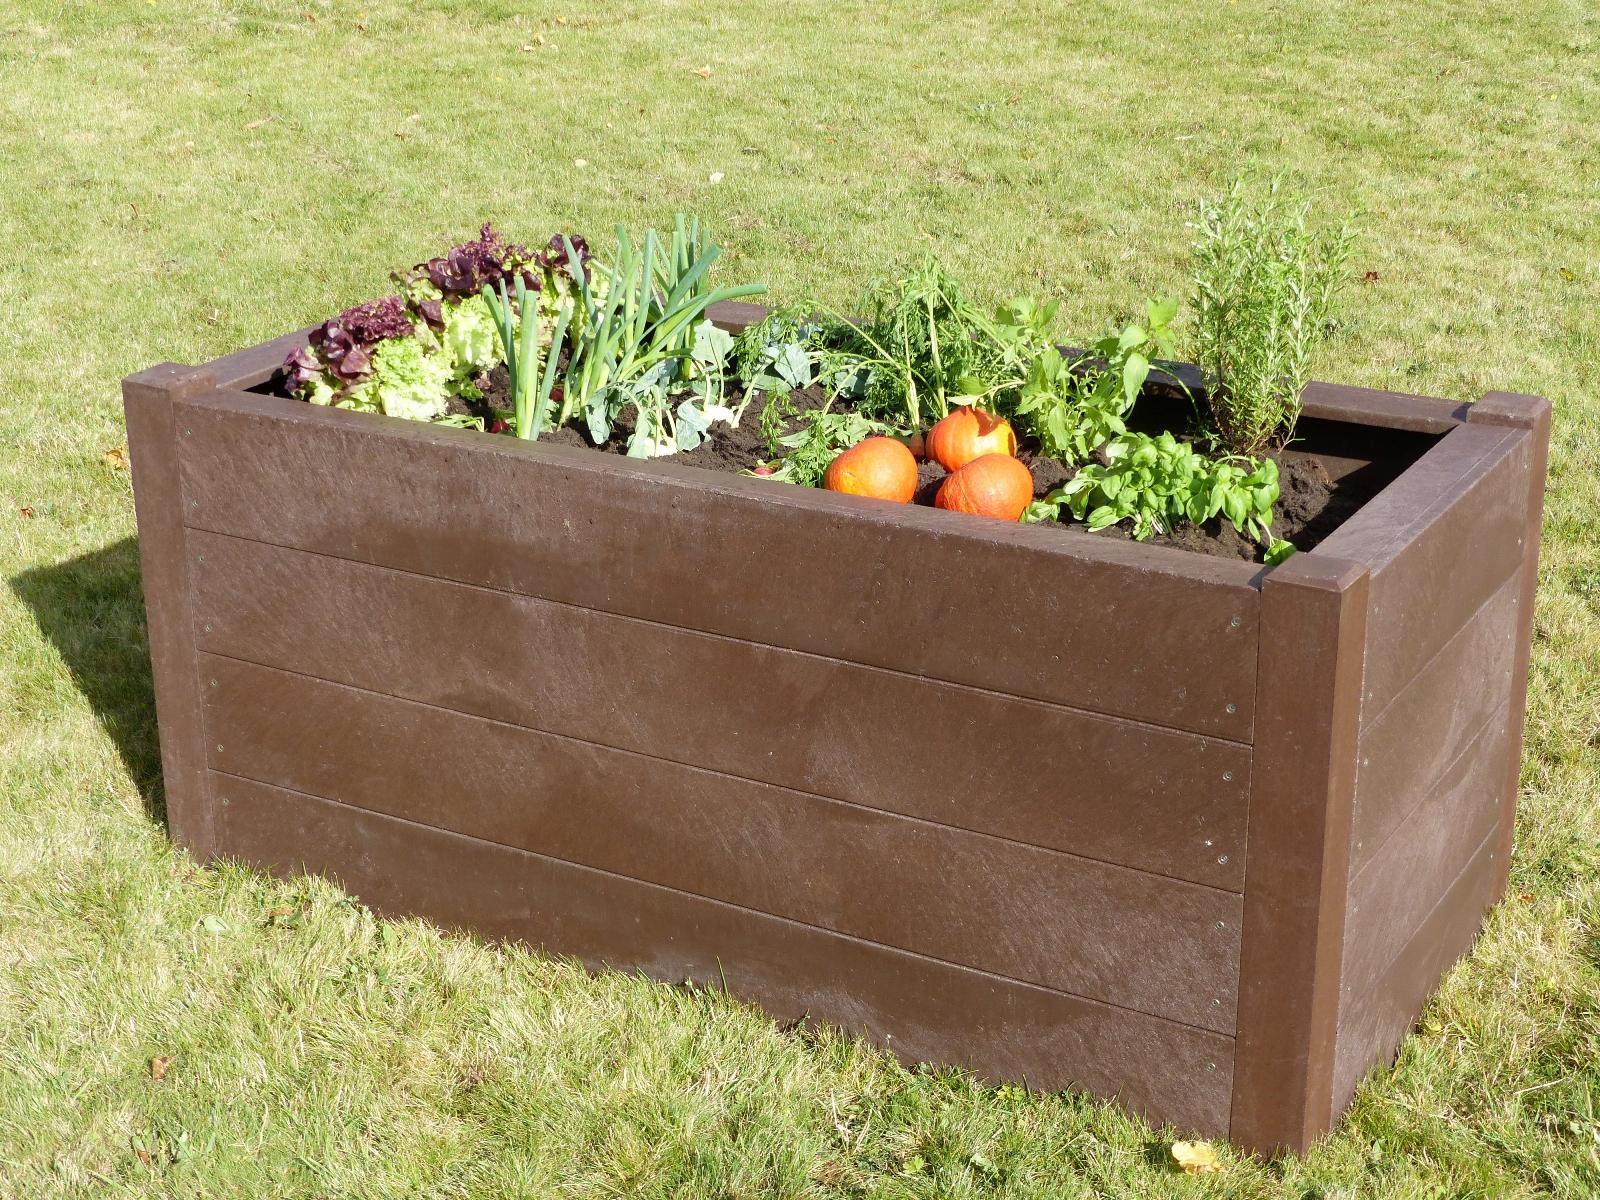 hochbeet f r kinder terra recycling kunststoff beet. Black Bedroom Furniture Sets. Home Design Ideas